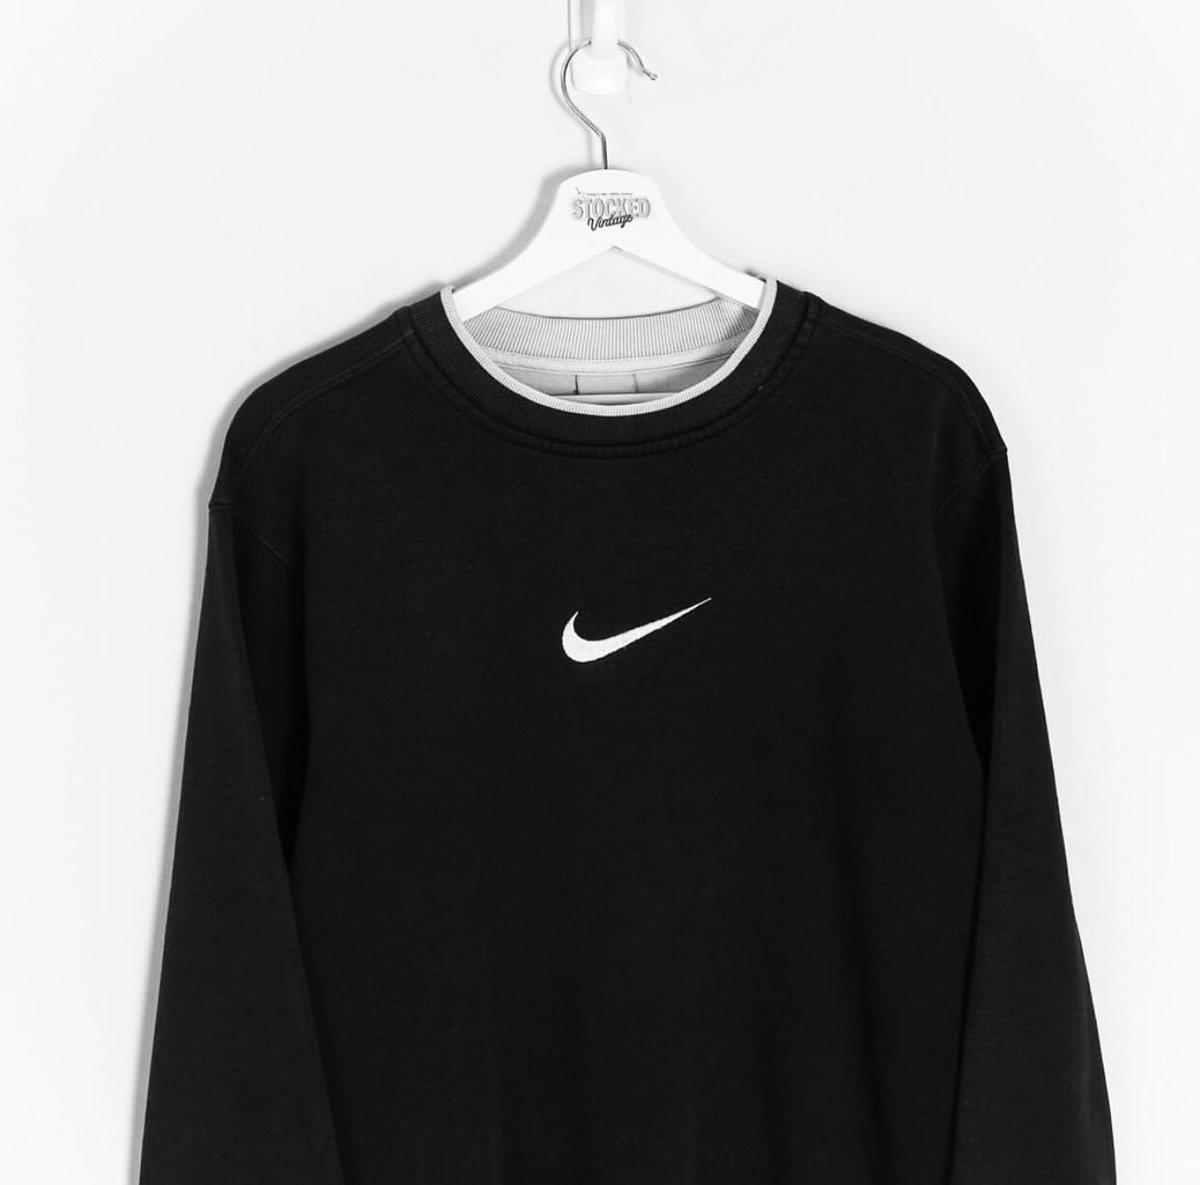 RT @bestoffshoes: Nike Vintage https://t.co/tEaZbWuKlR